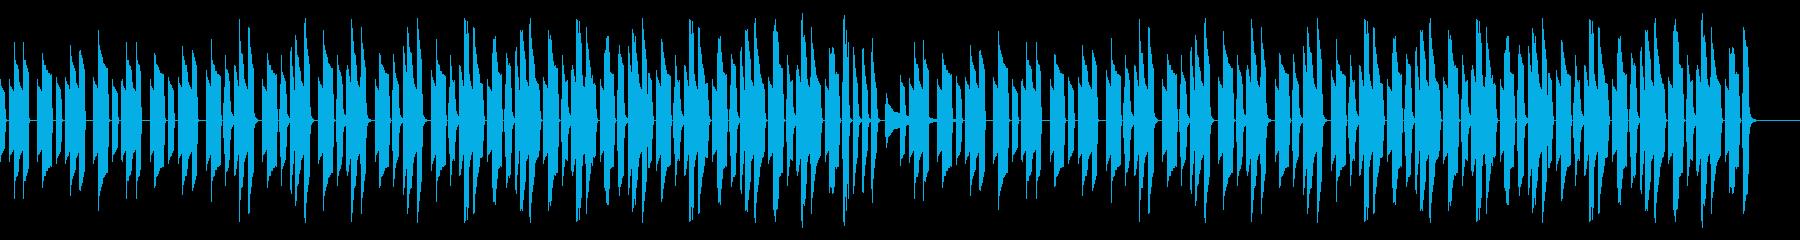 ピタゴラスイッチっぽいののんきなBGMの再生済みの波形